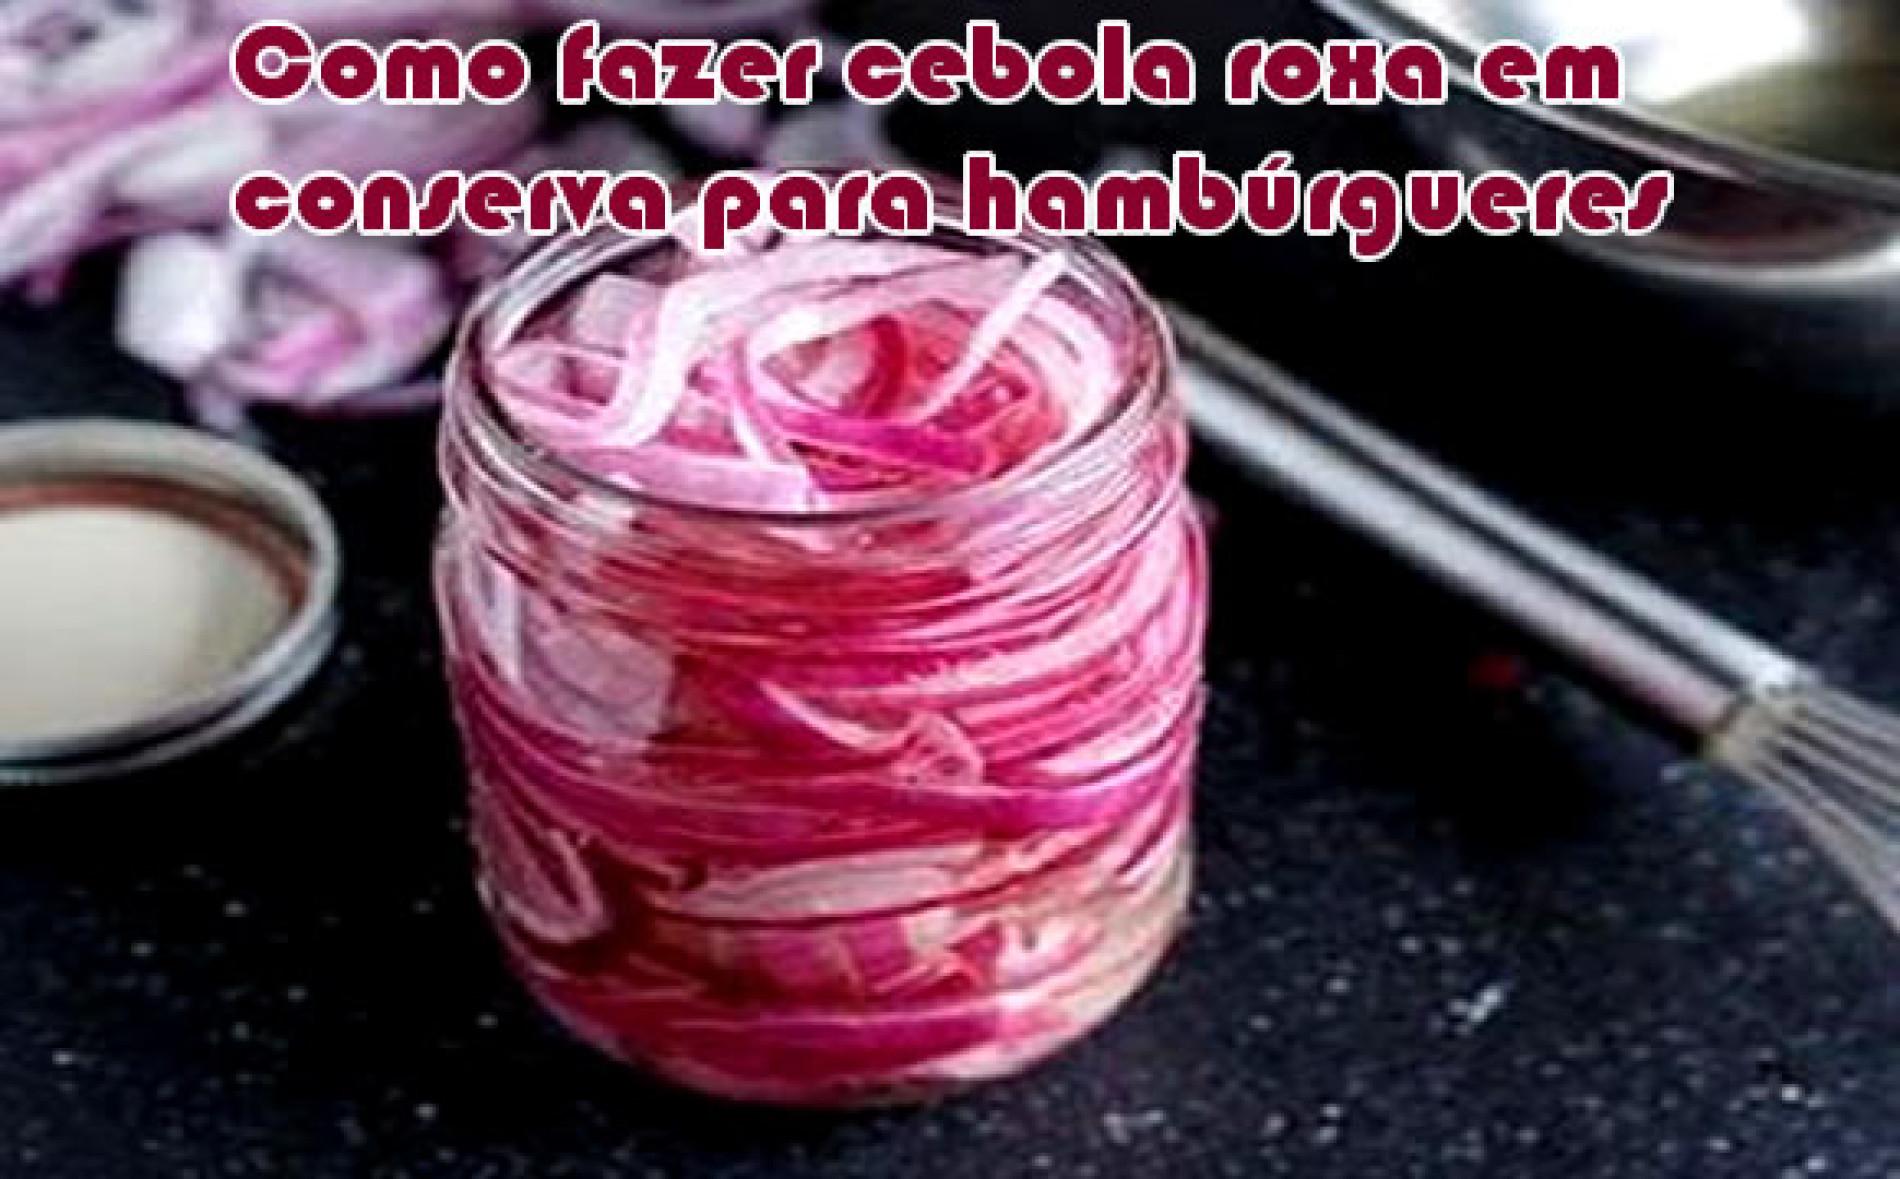 Cebola roxa em conserva para hambúrgueres